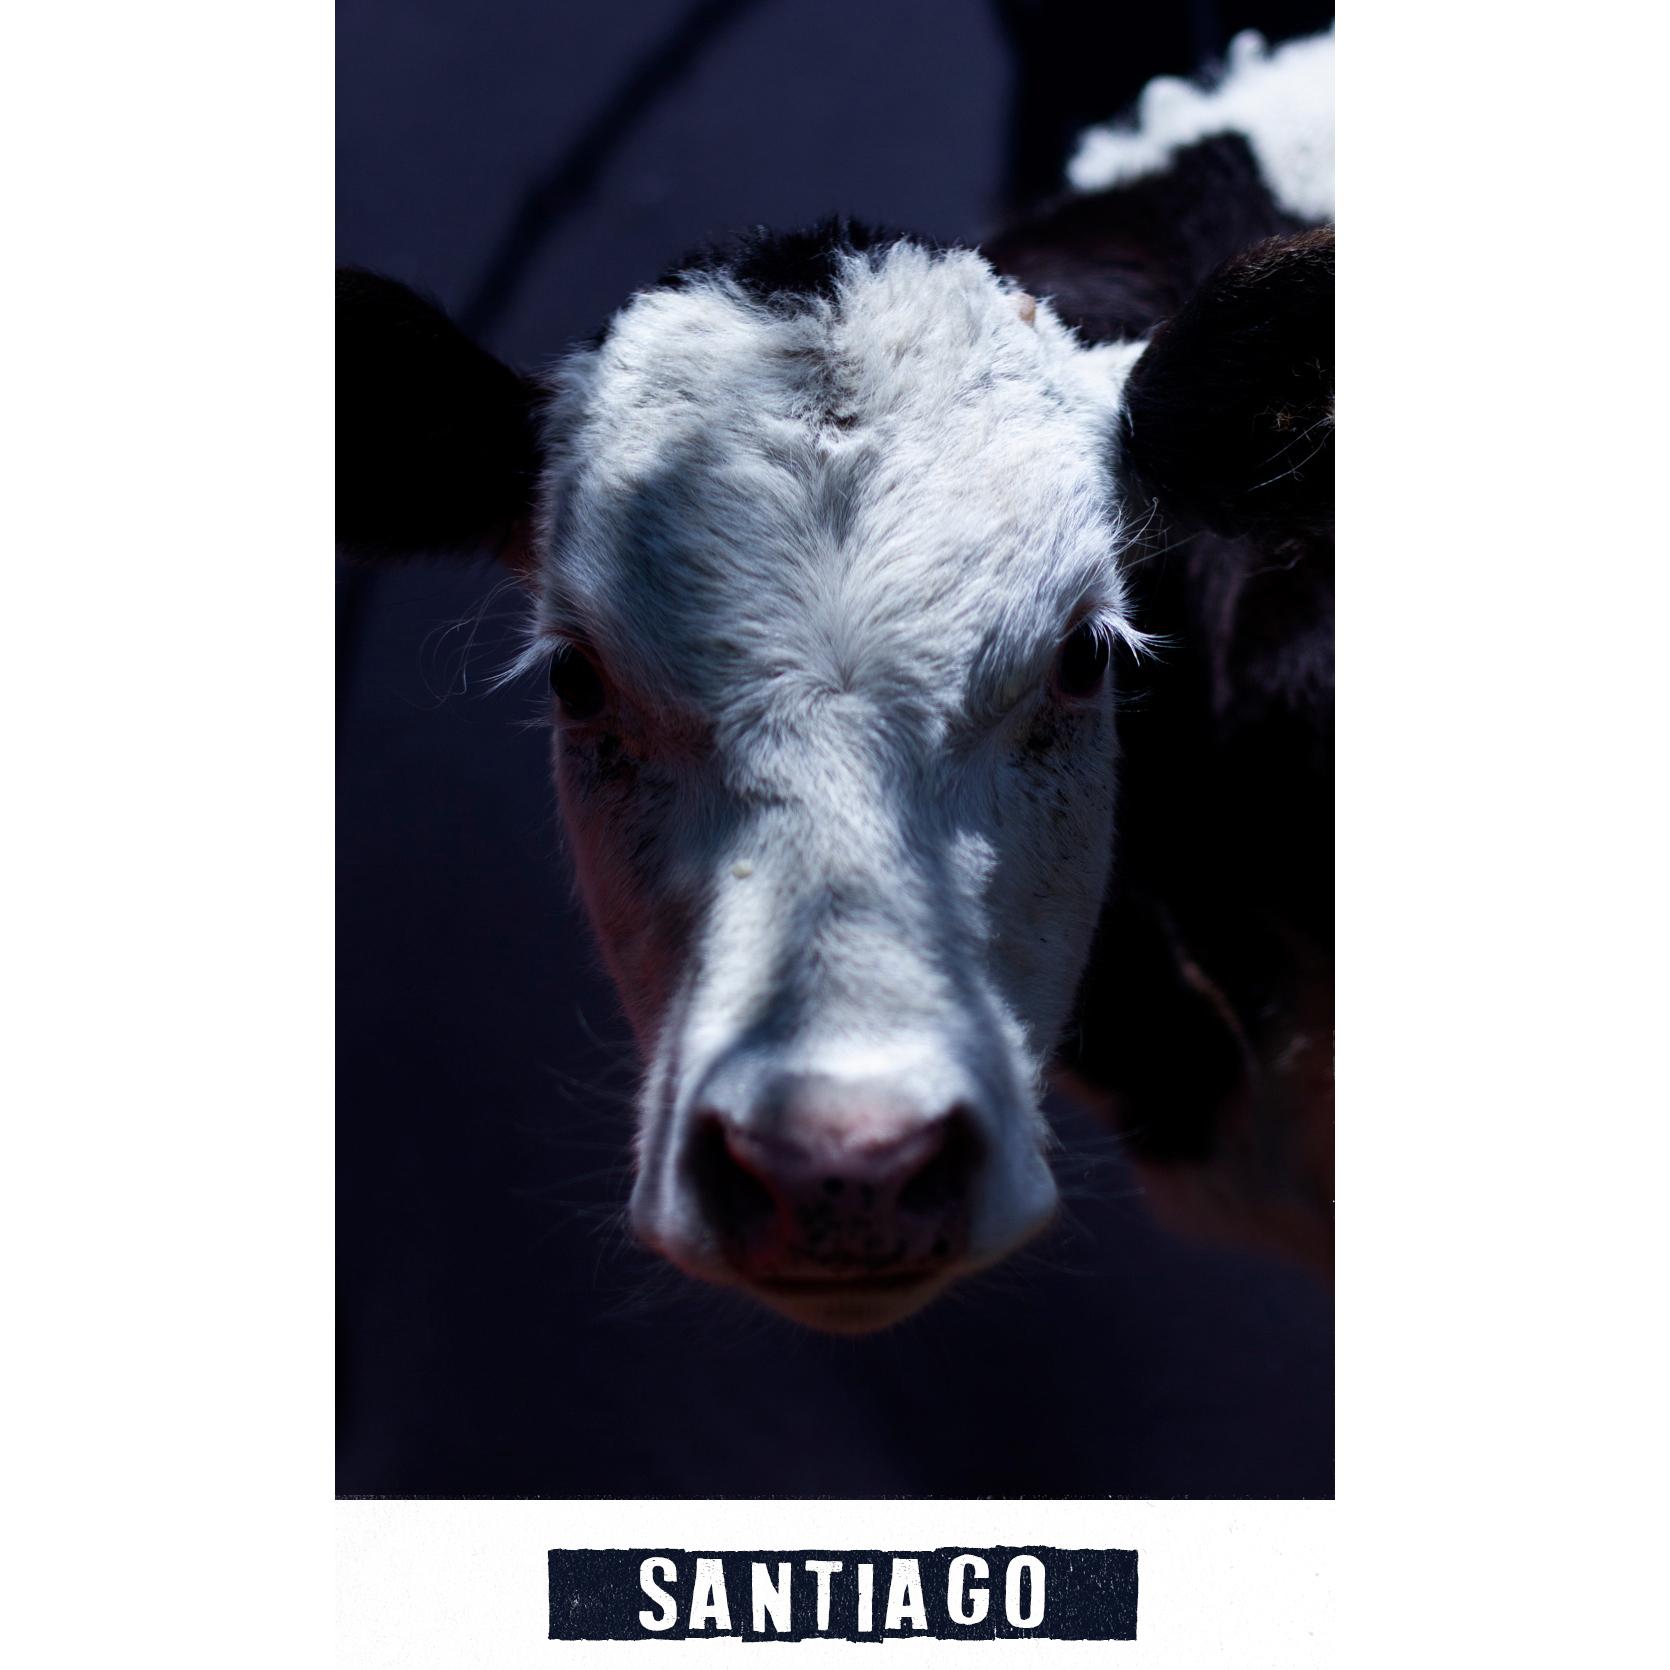 santiago_0.jpg